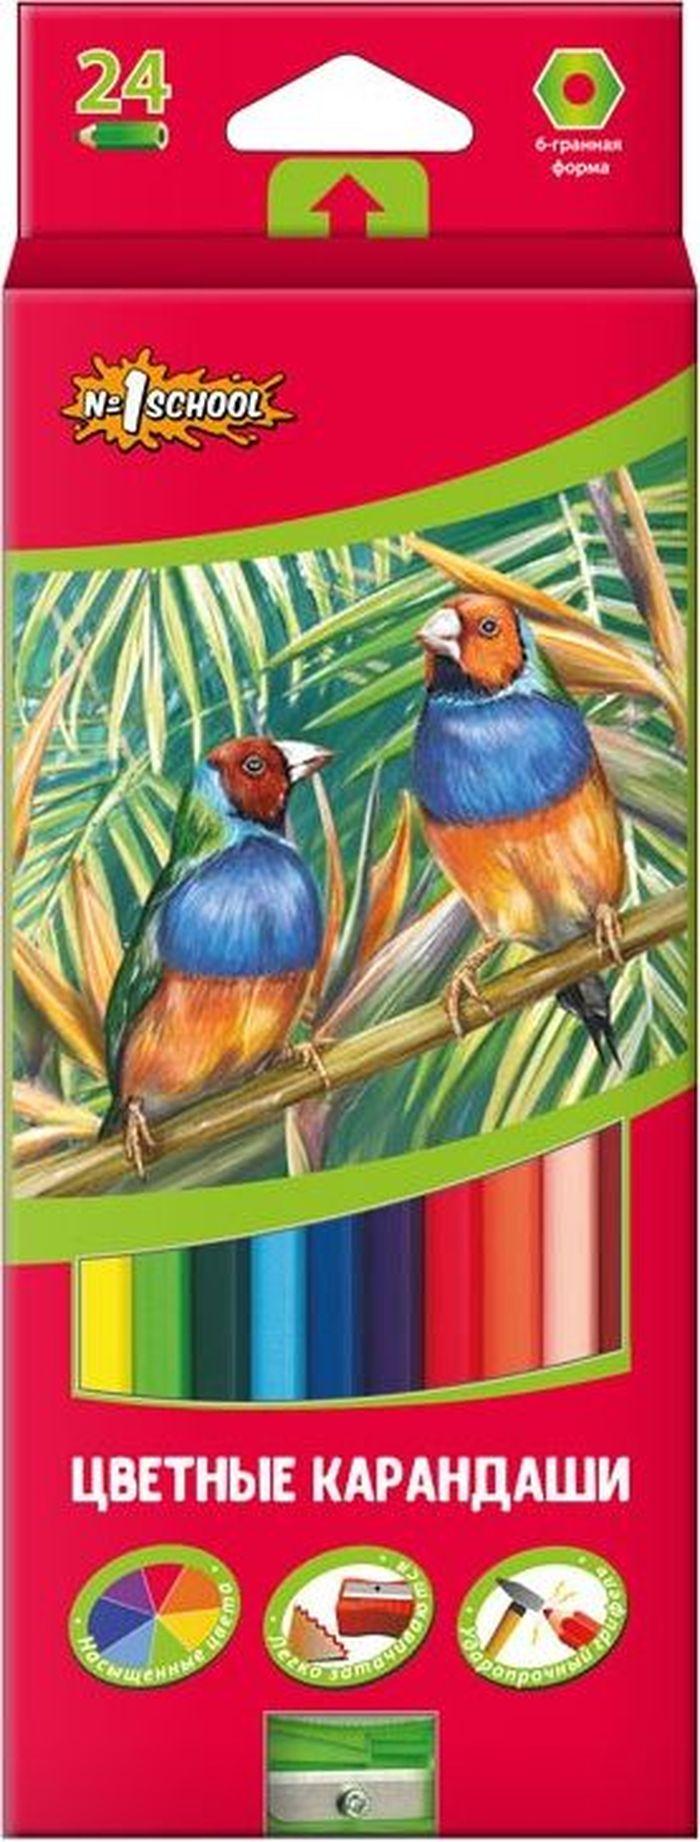 №1 School Набор цветных карандашей ColorPics с точилкой 24 шт - Письменные принадлежности - Карандаши